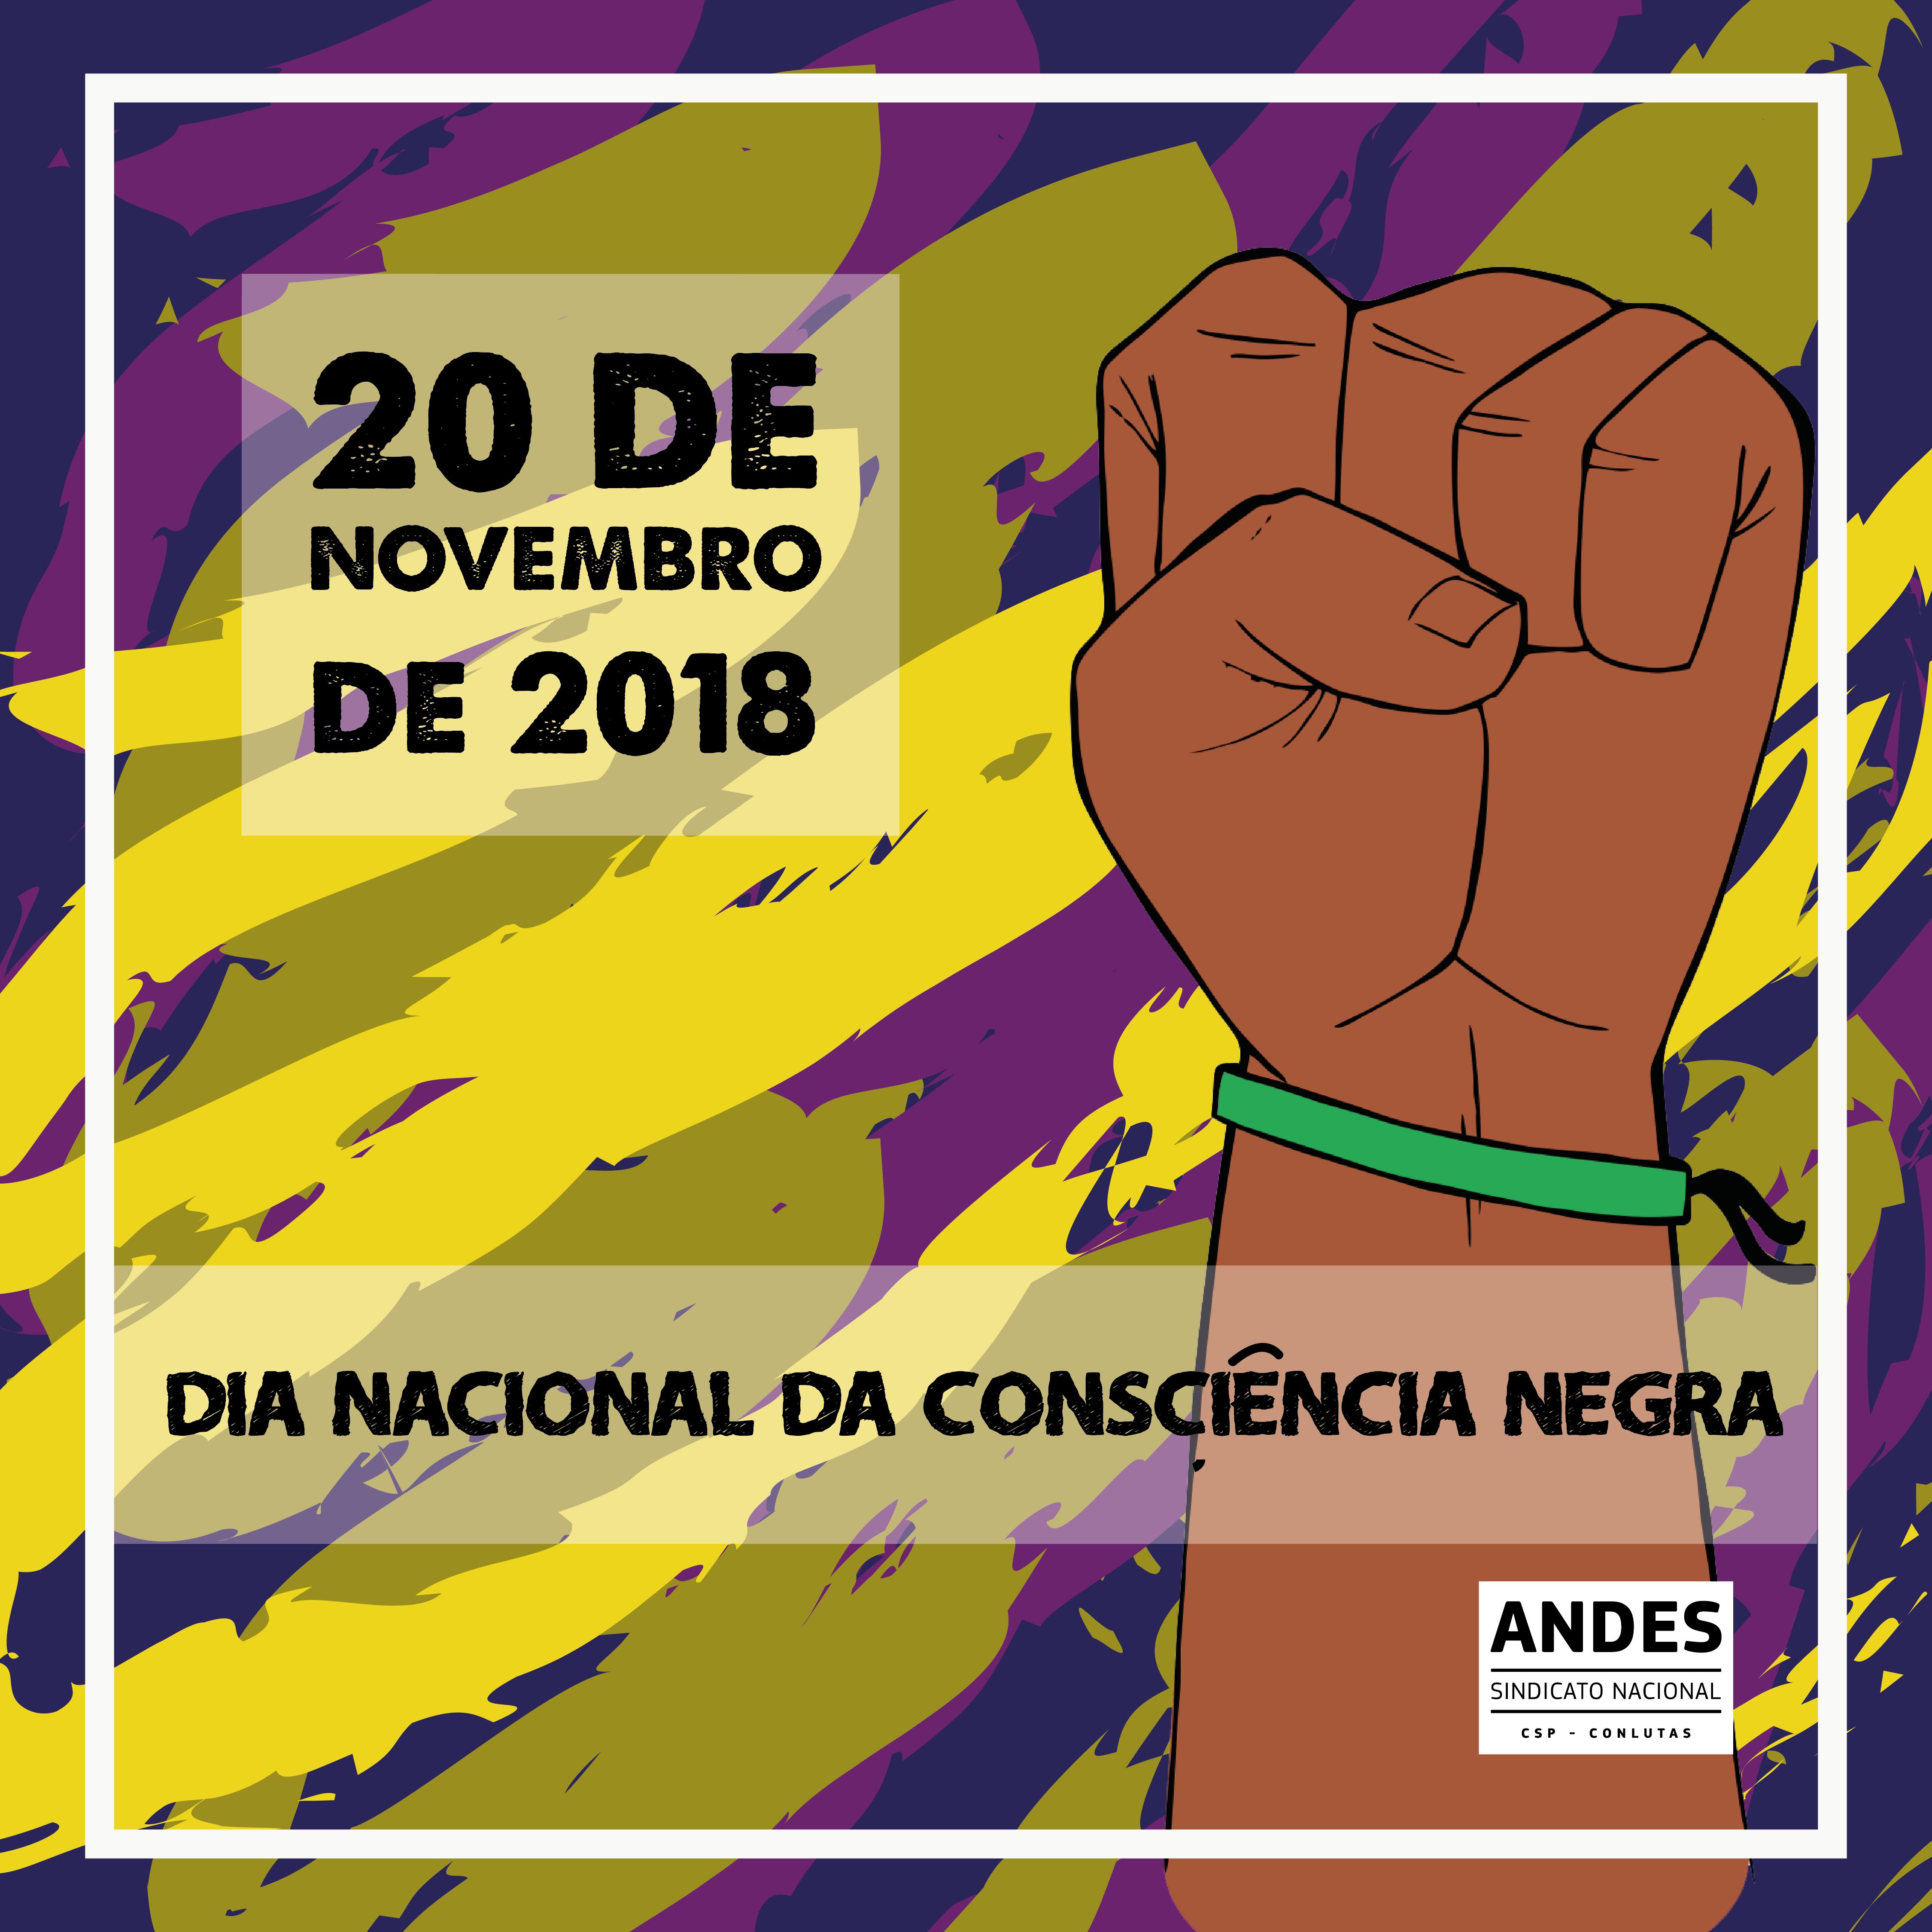 20 de novembro é Dia da Consciência Negra